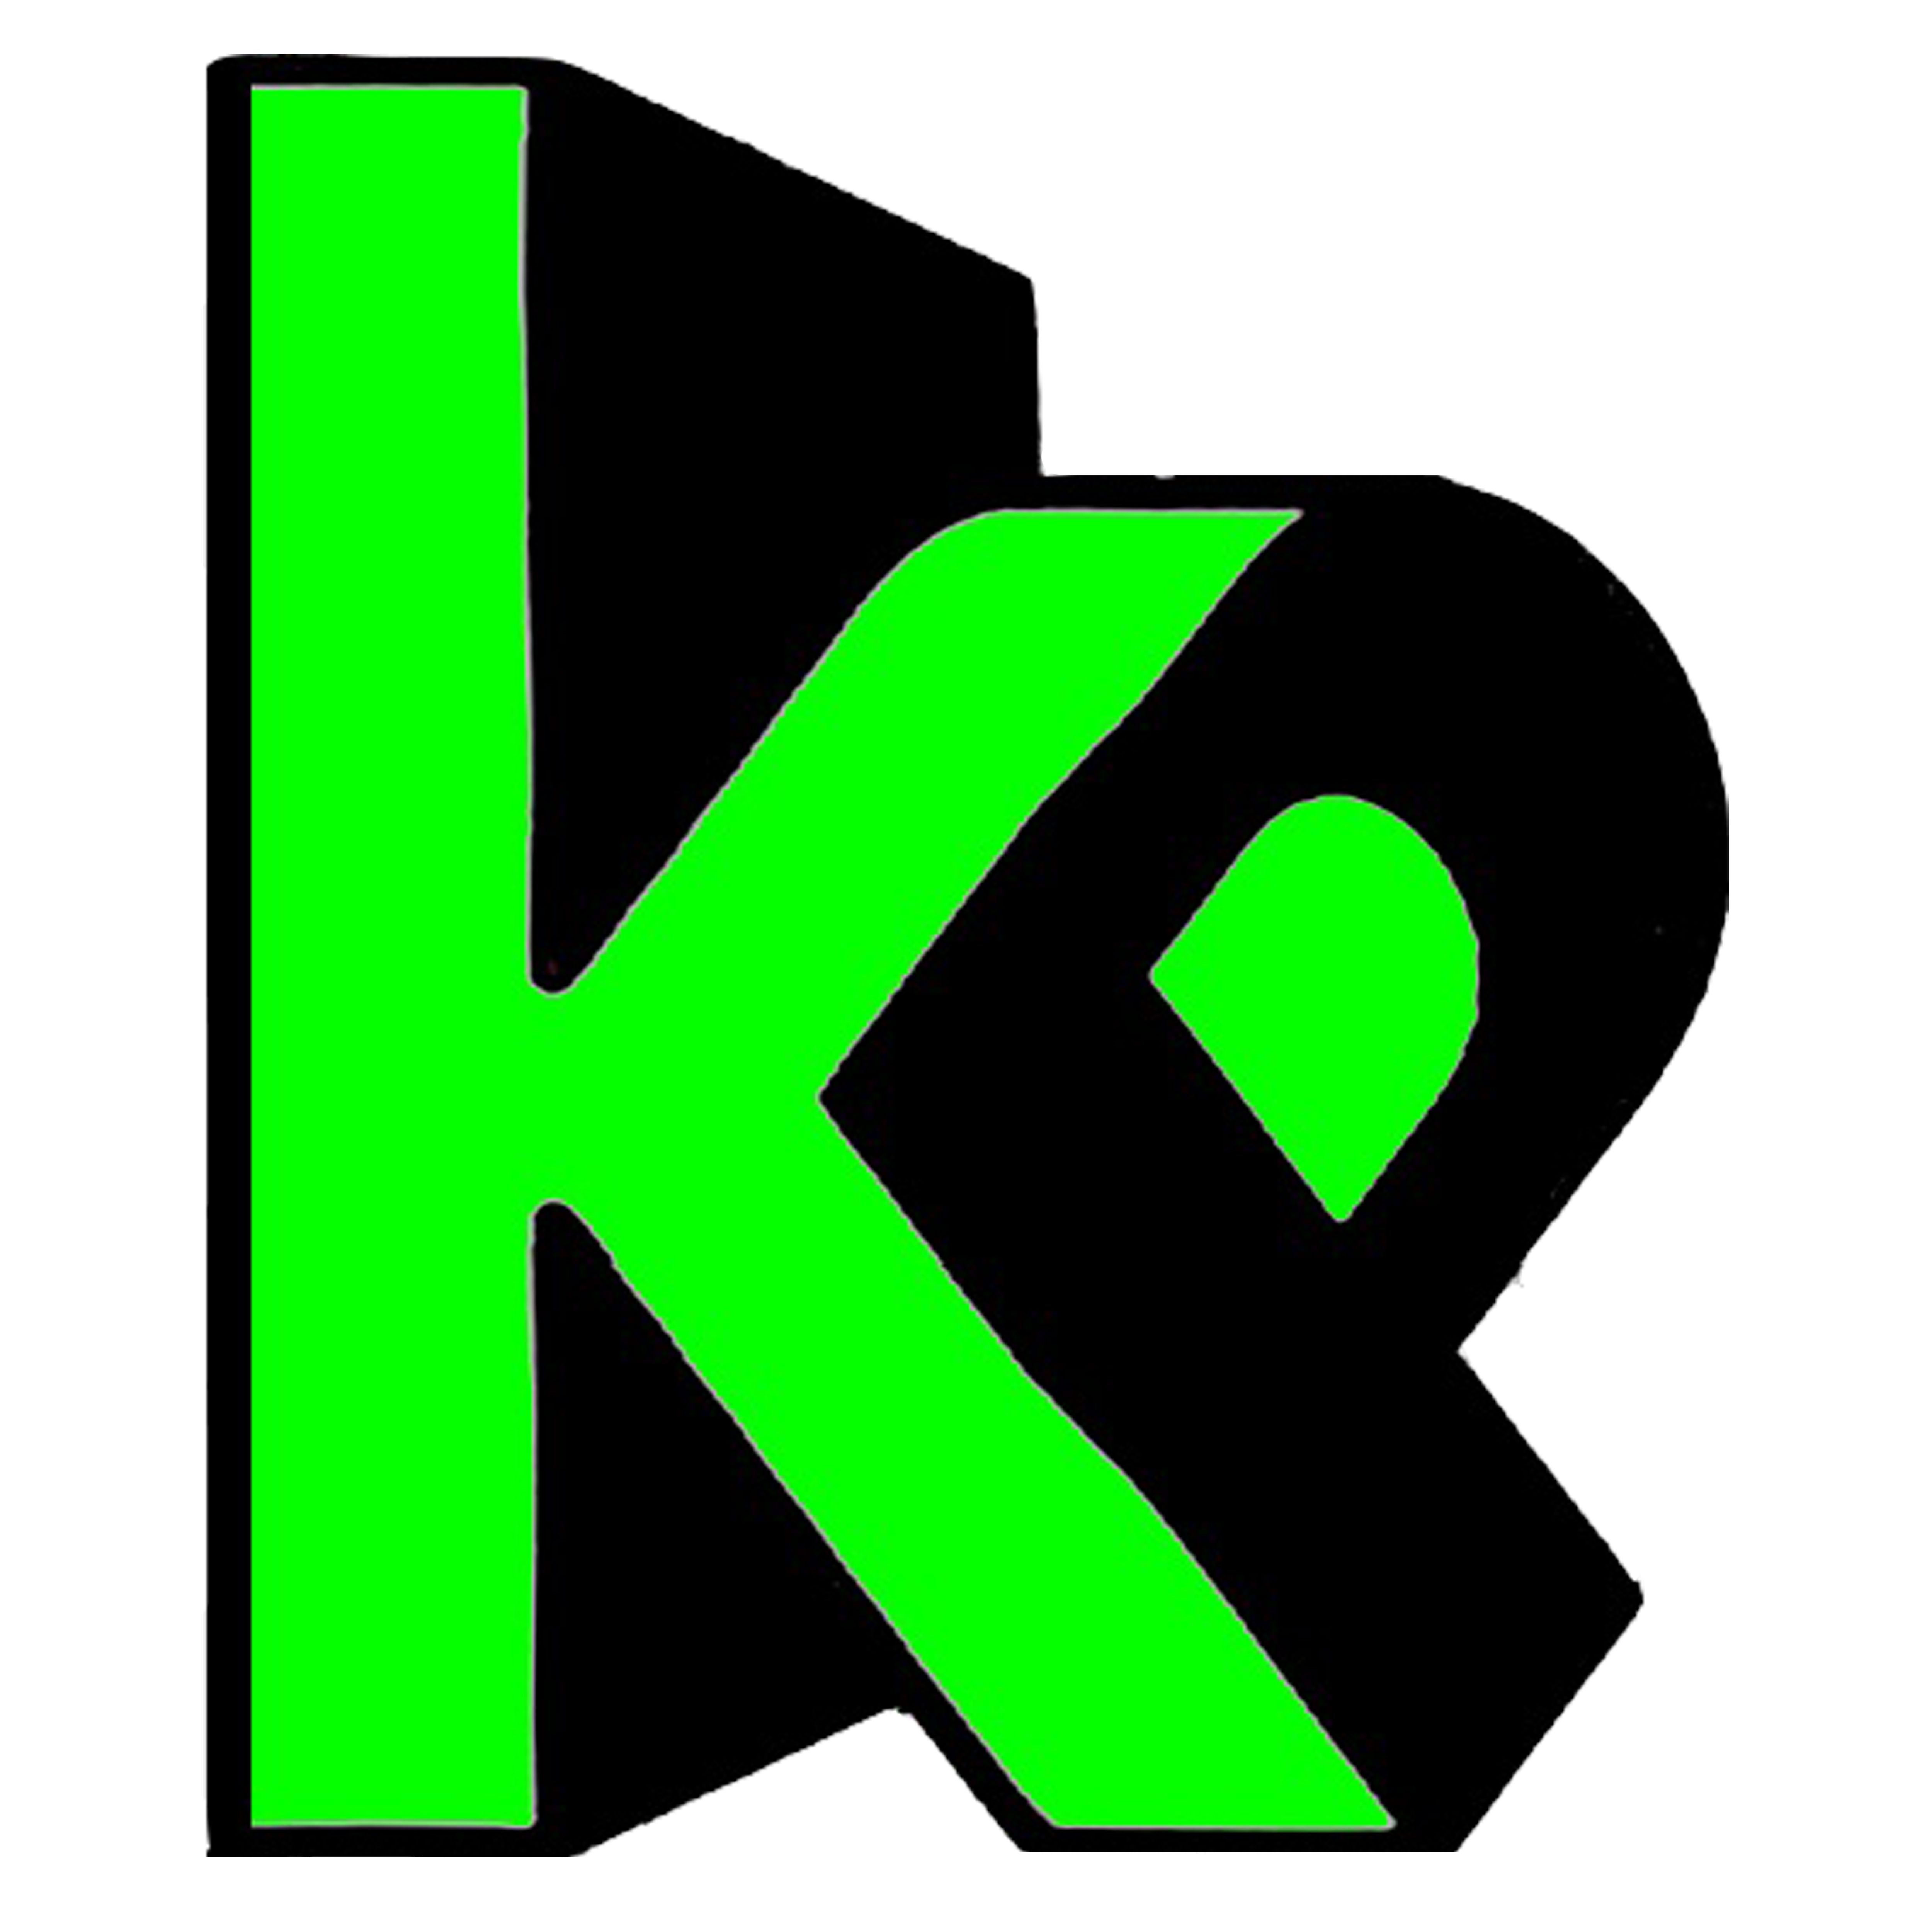 Pin by Karan Popat on My Logos Graphic design logo, Sign